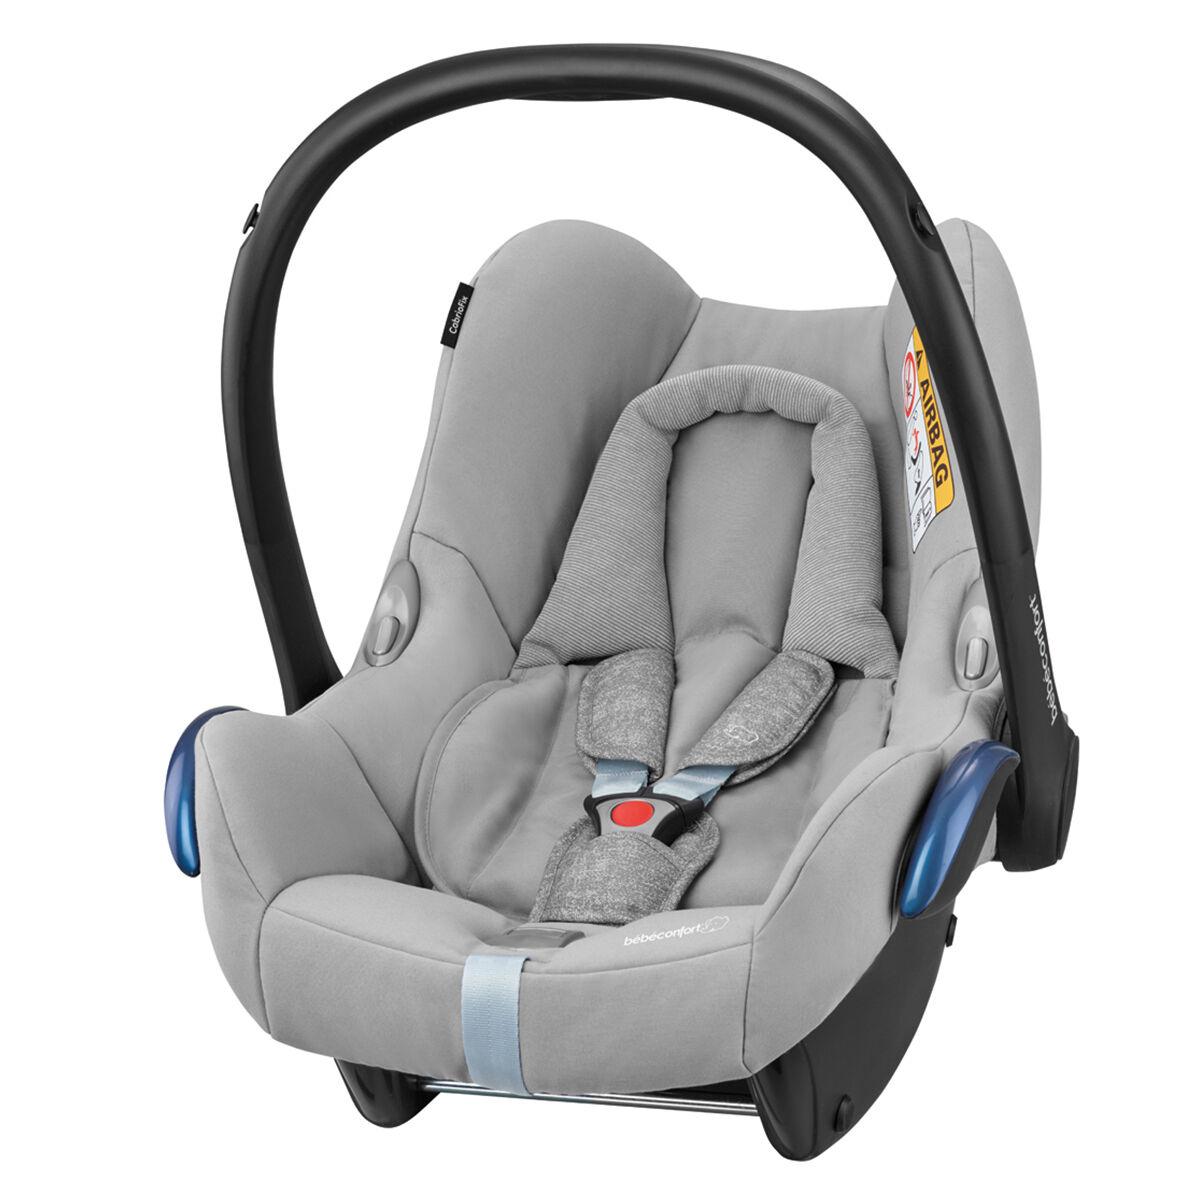 Bébé Confort Siège Auto CabrioFix Isofix Groupe 0+ - Nomad Grey